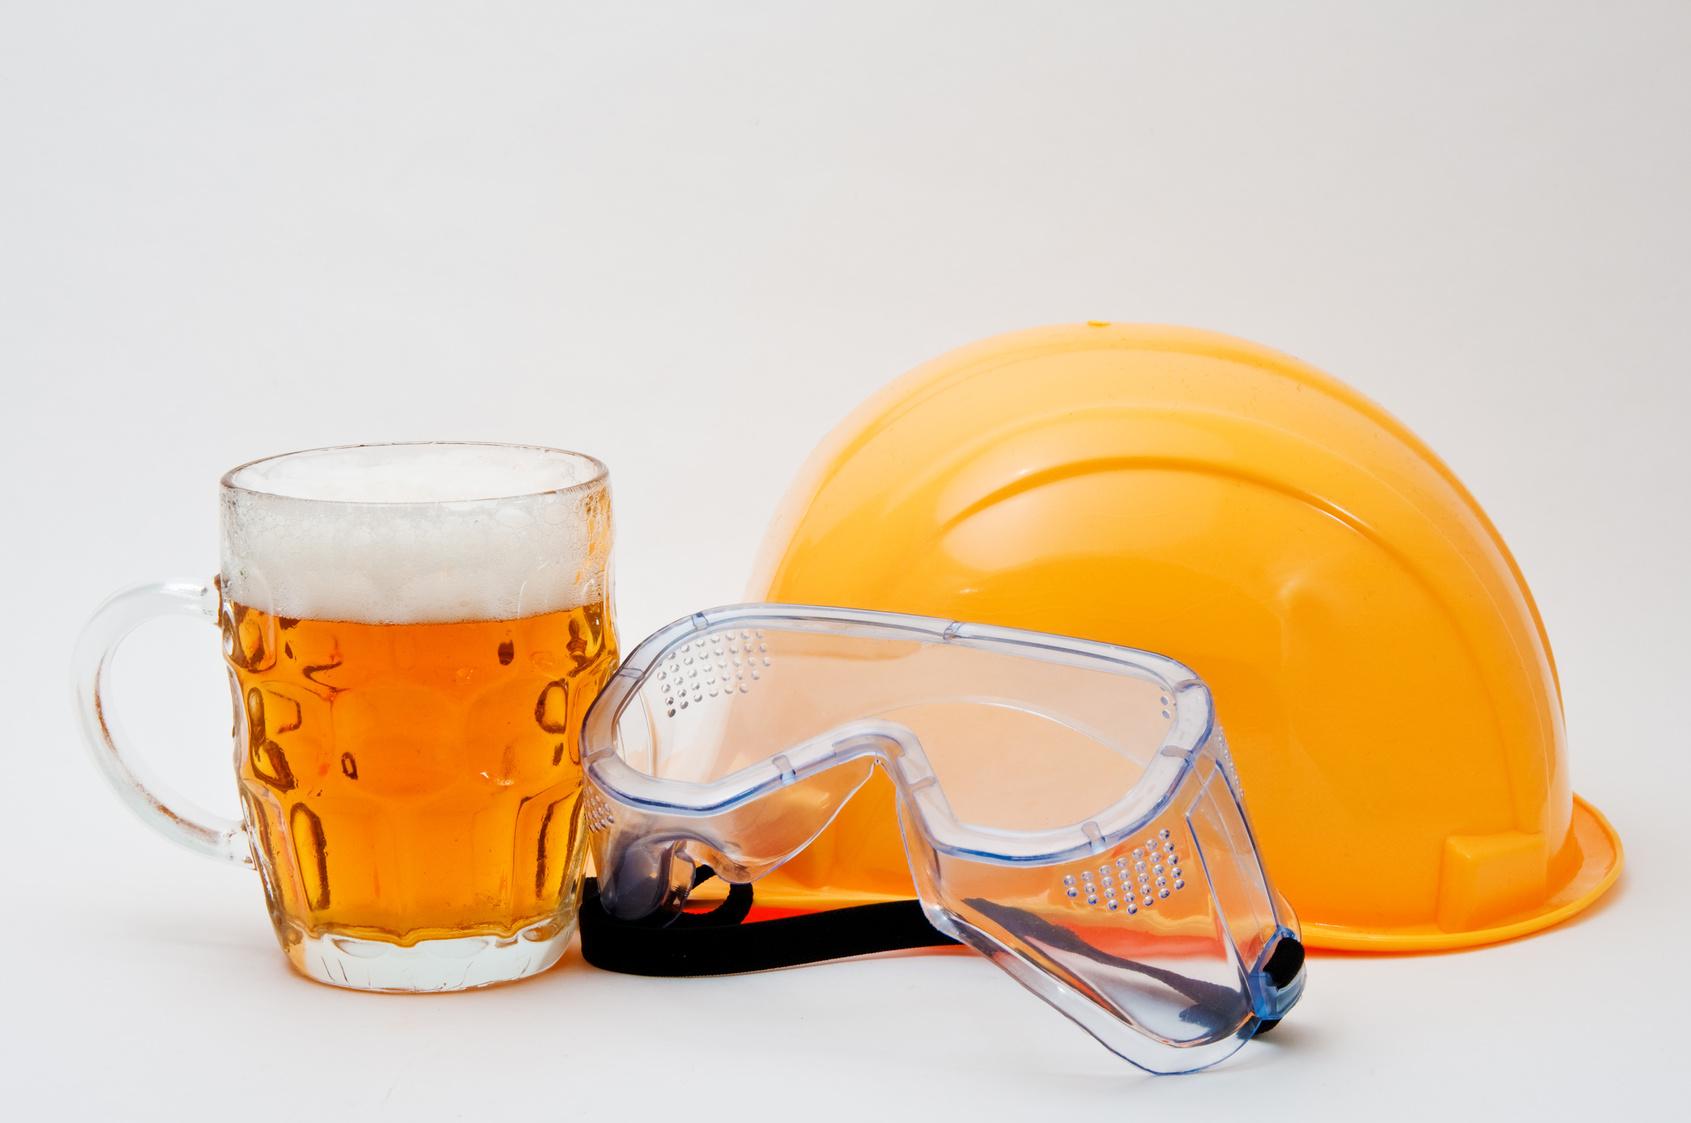 Contractors   Subcontractors   Contractor training   Contractor Safety